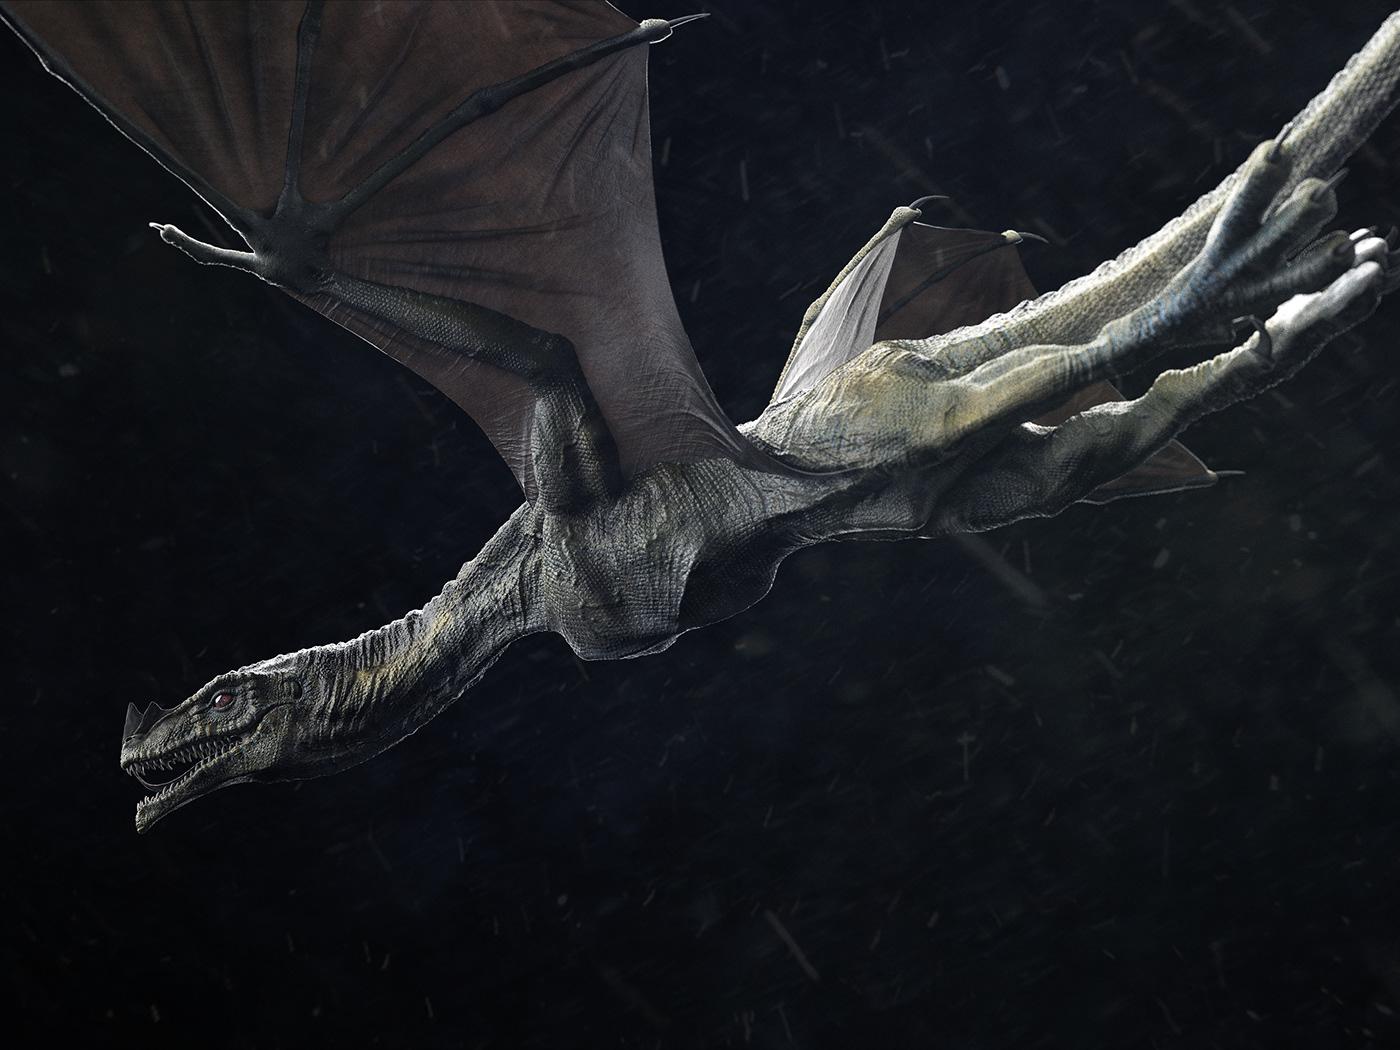 Image may contain: animal, fish and bat